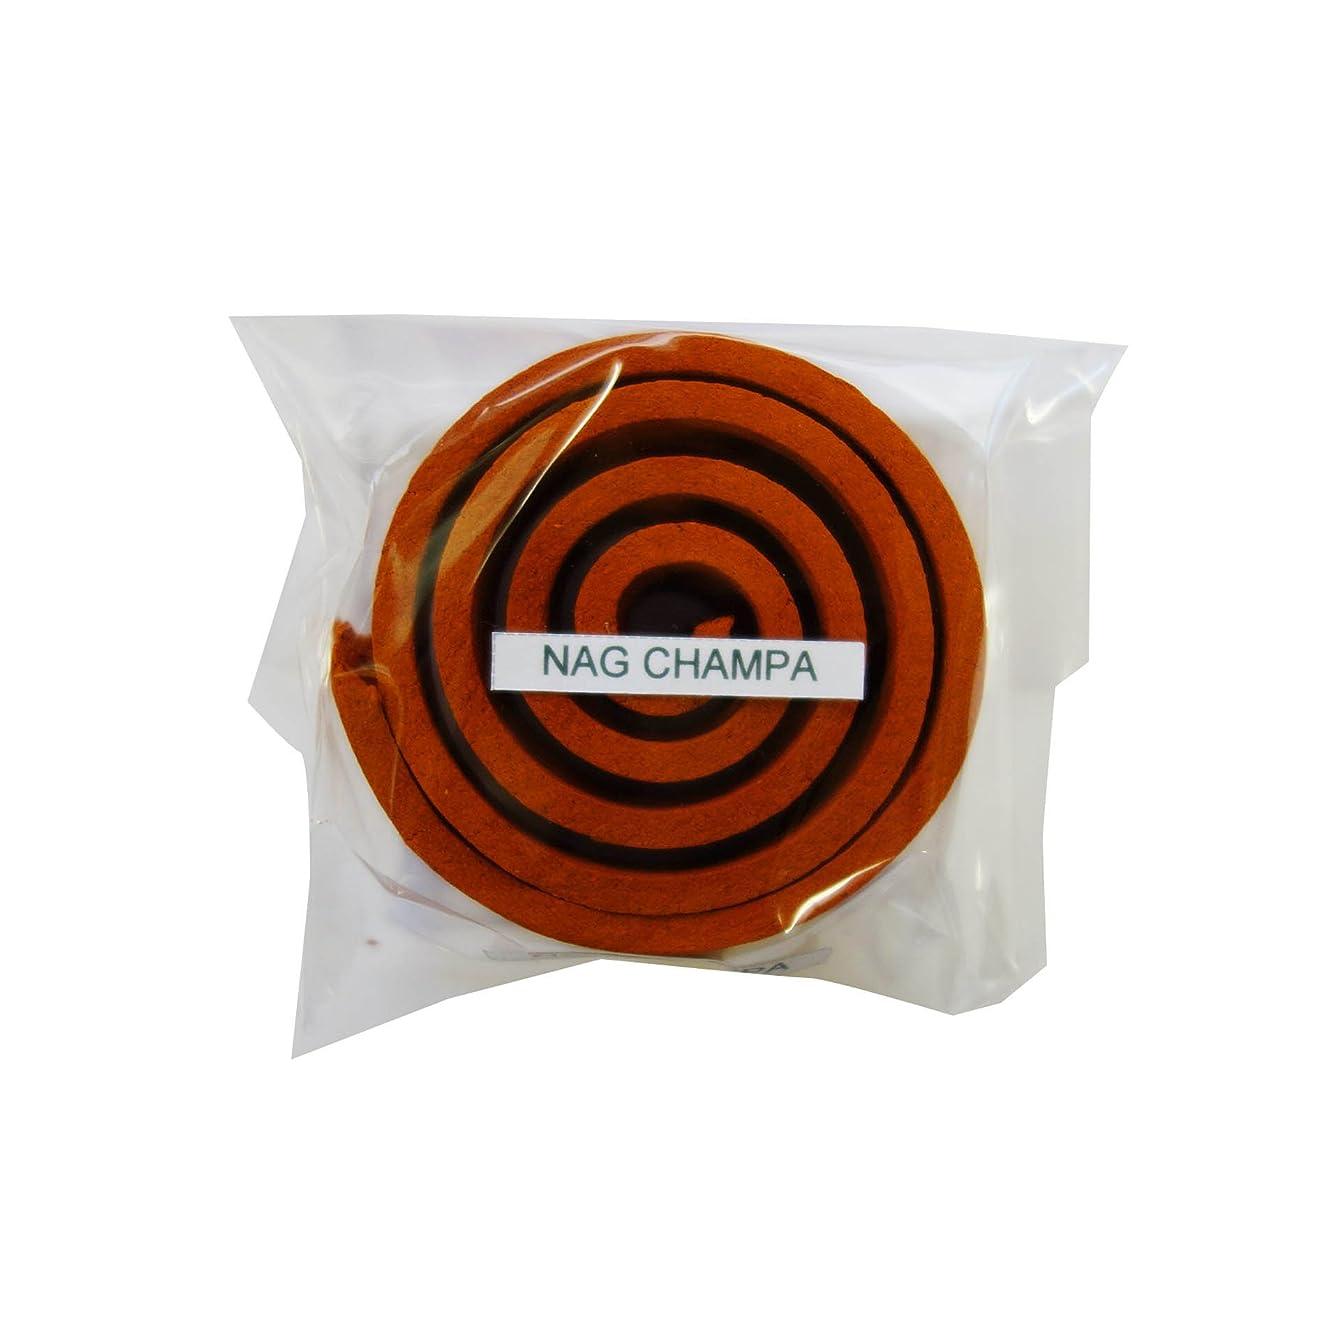 叱るカロリー量お香/うずまき香 Nag Champa ナグチャンパ 直径5cm×5巻セット [並行輸入品]